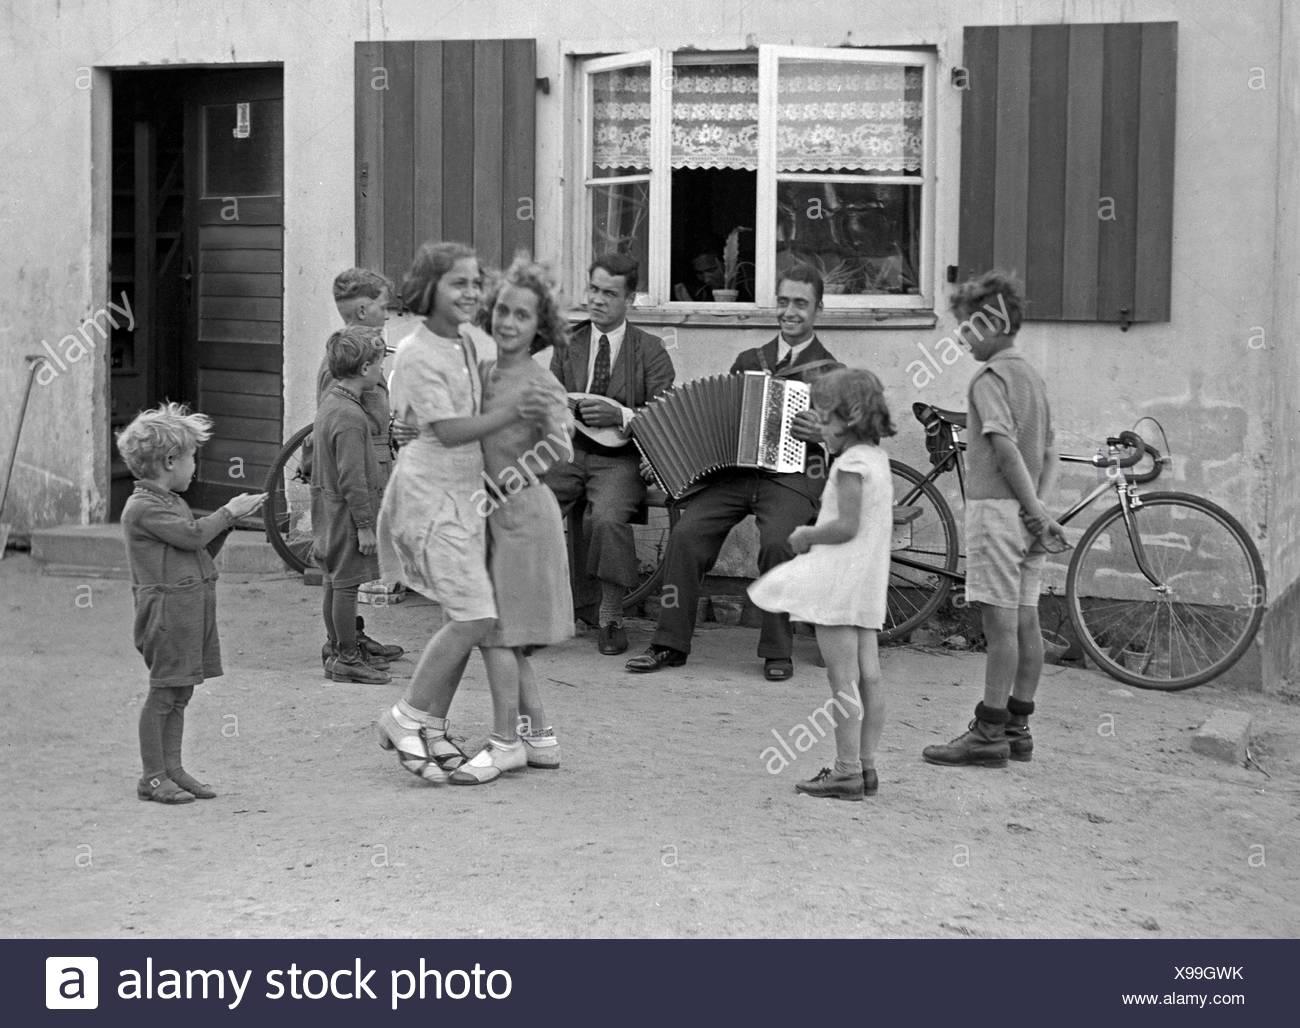 Zwei Männer machen Musik und Kinder tanzen dazu im Hof, Deutschland 1930er Jahre. Two men making music and children dancing at the courtyard, Germany 1930s. - Stock Image